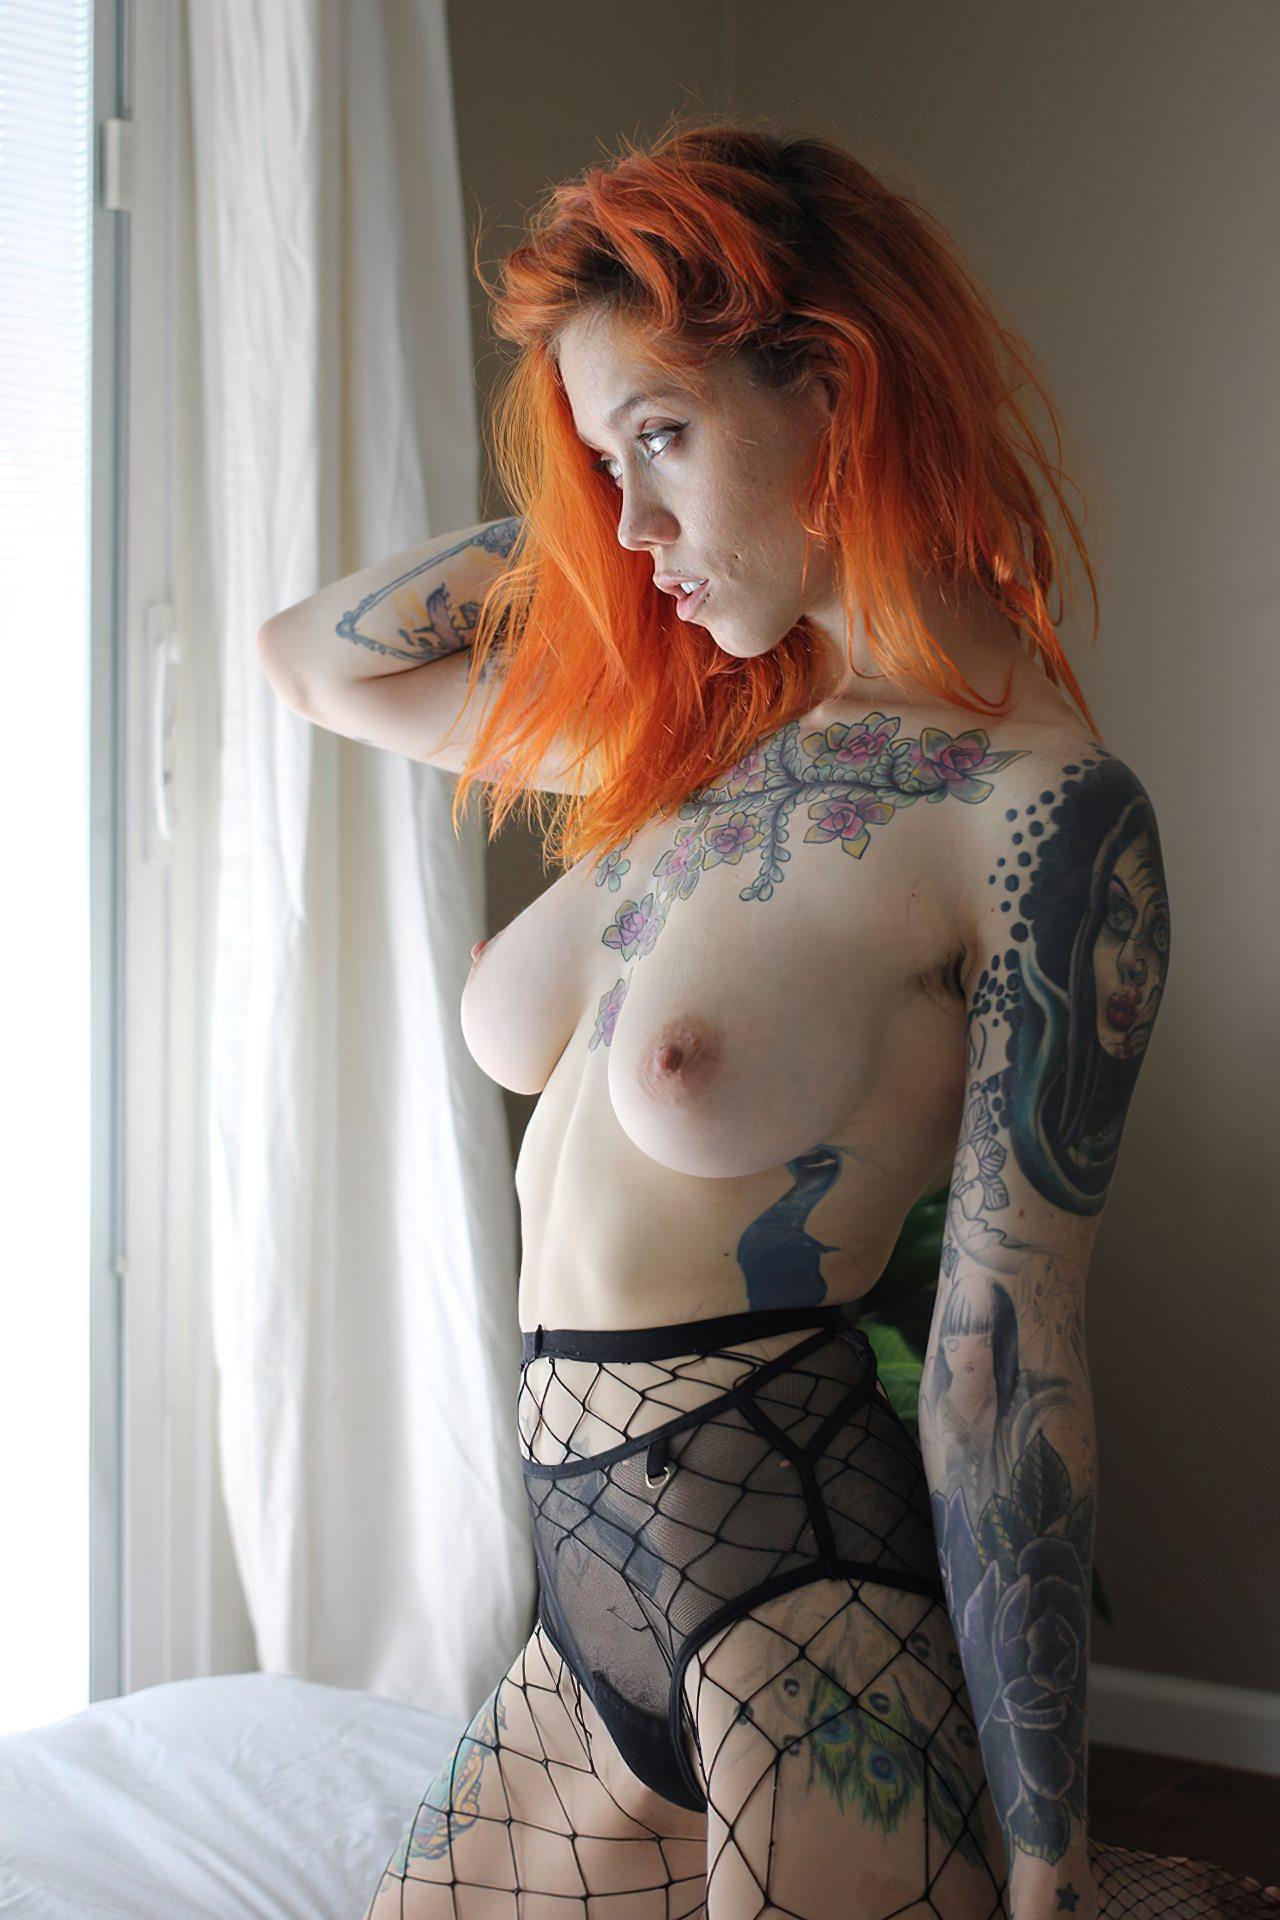 Branquinha Tatuada Dando Homem Dotado (1)